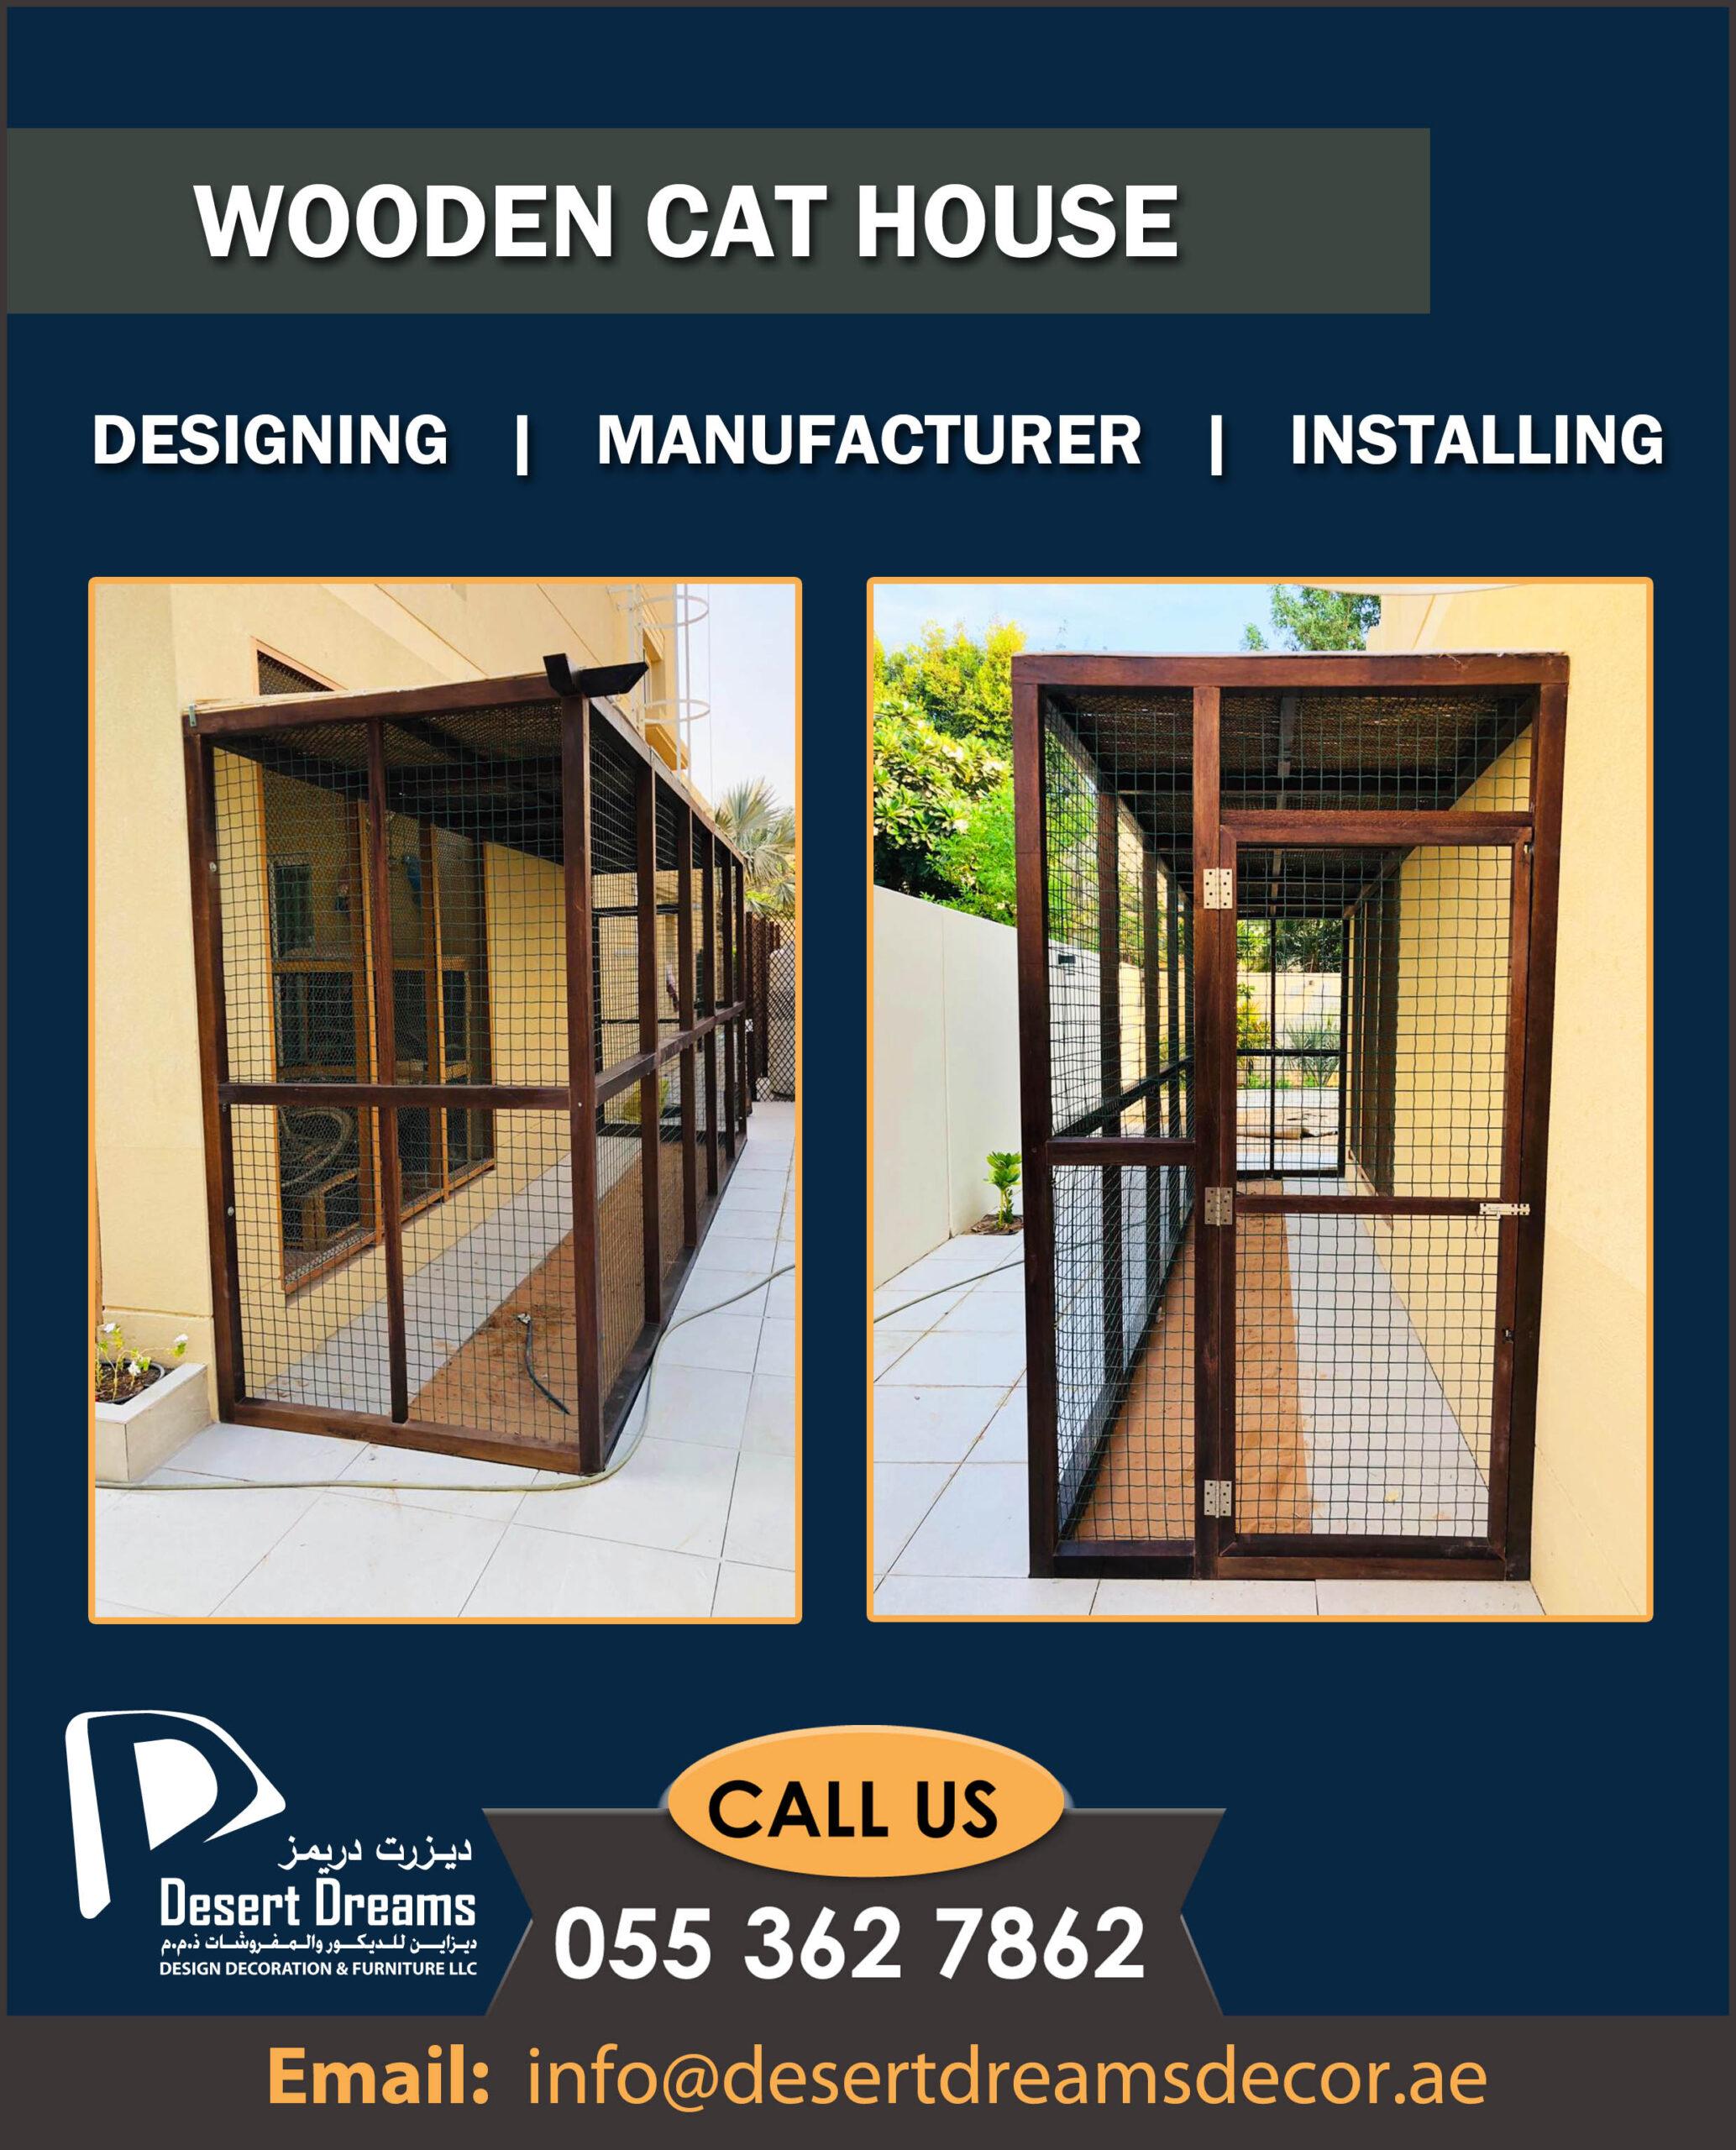 Wooden cat House in UAE.jpg